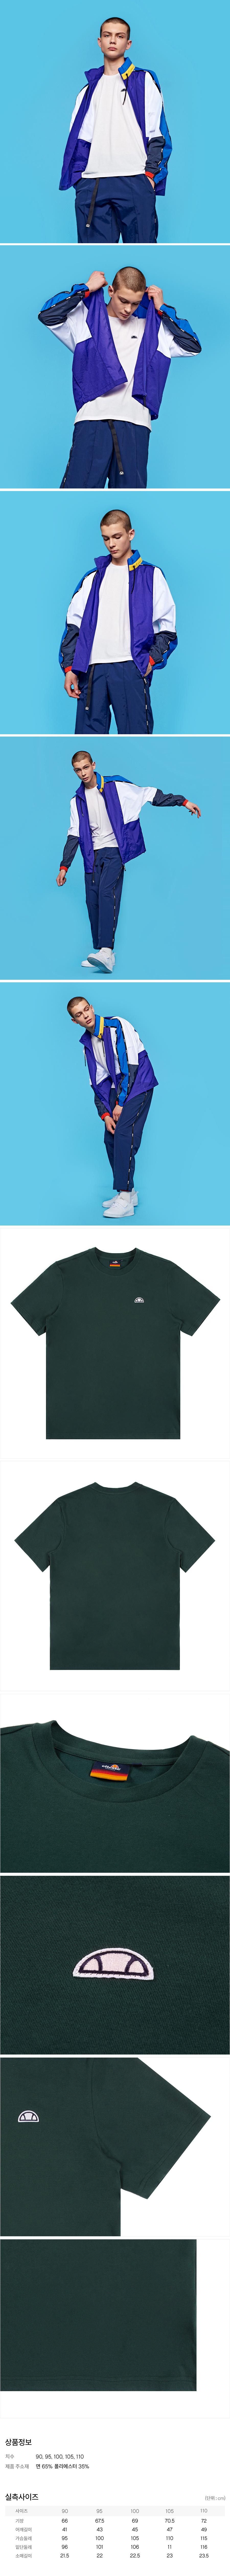 엘레쎄(ELLESSE) 스몰 로고 베이직 반팔 티셔츠 (딥그린)EJ2UHTR333